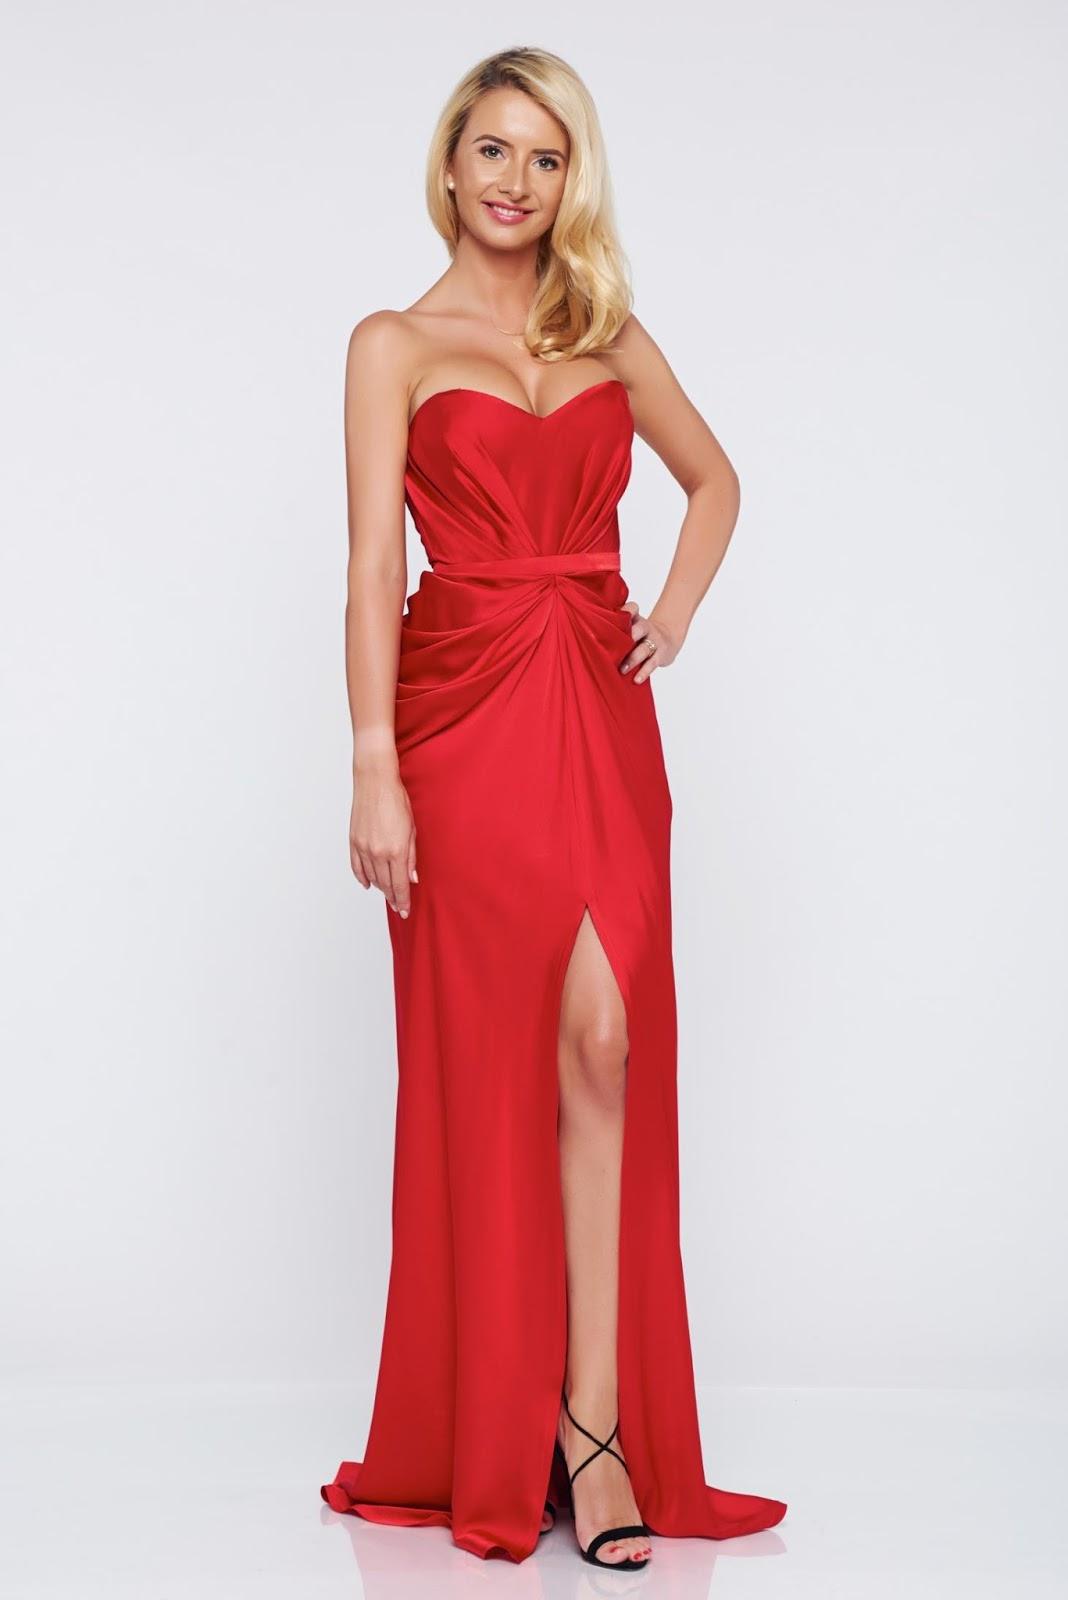 Modelos de vestidos largos baratos